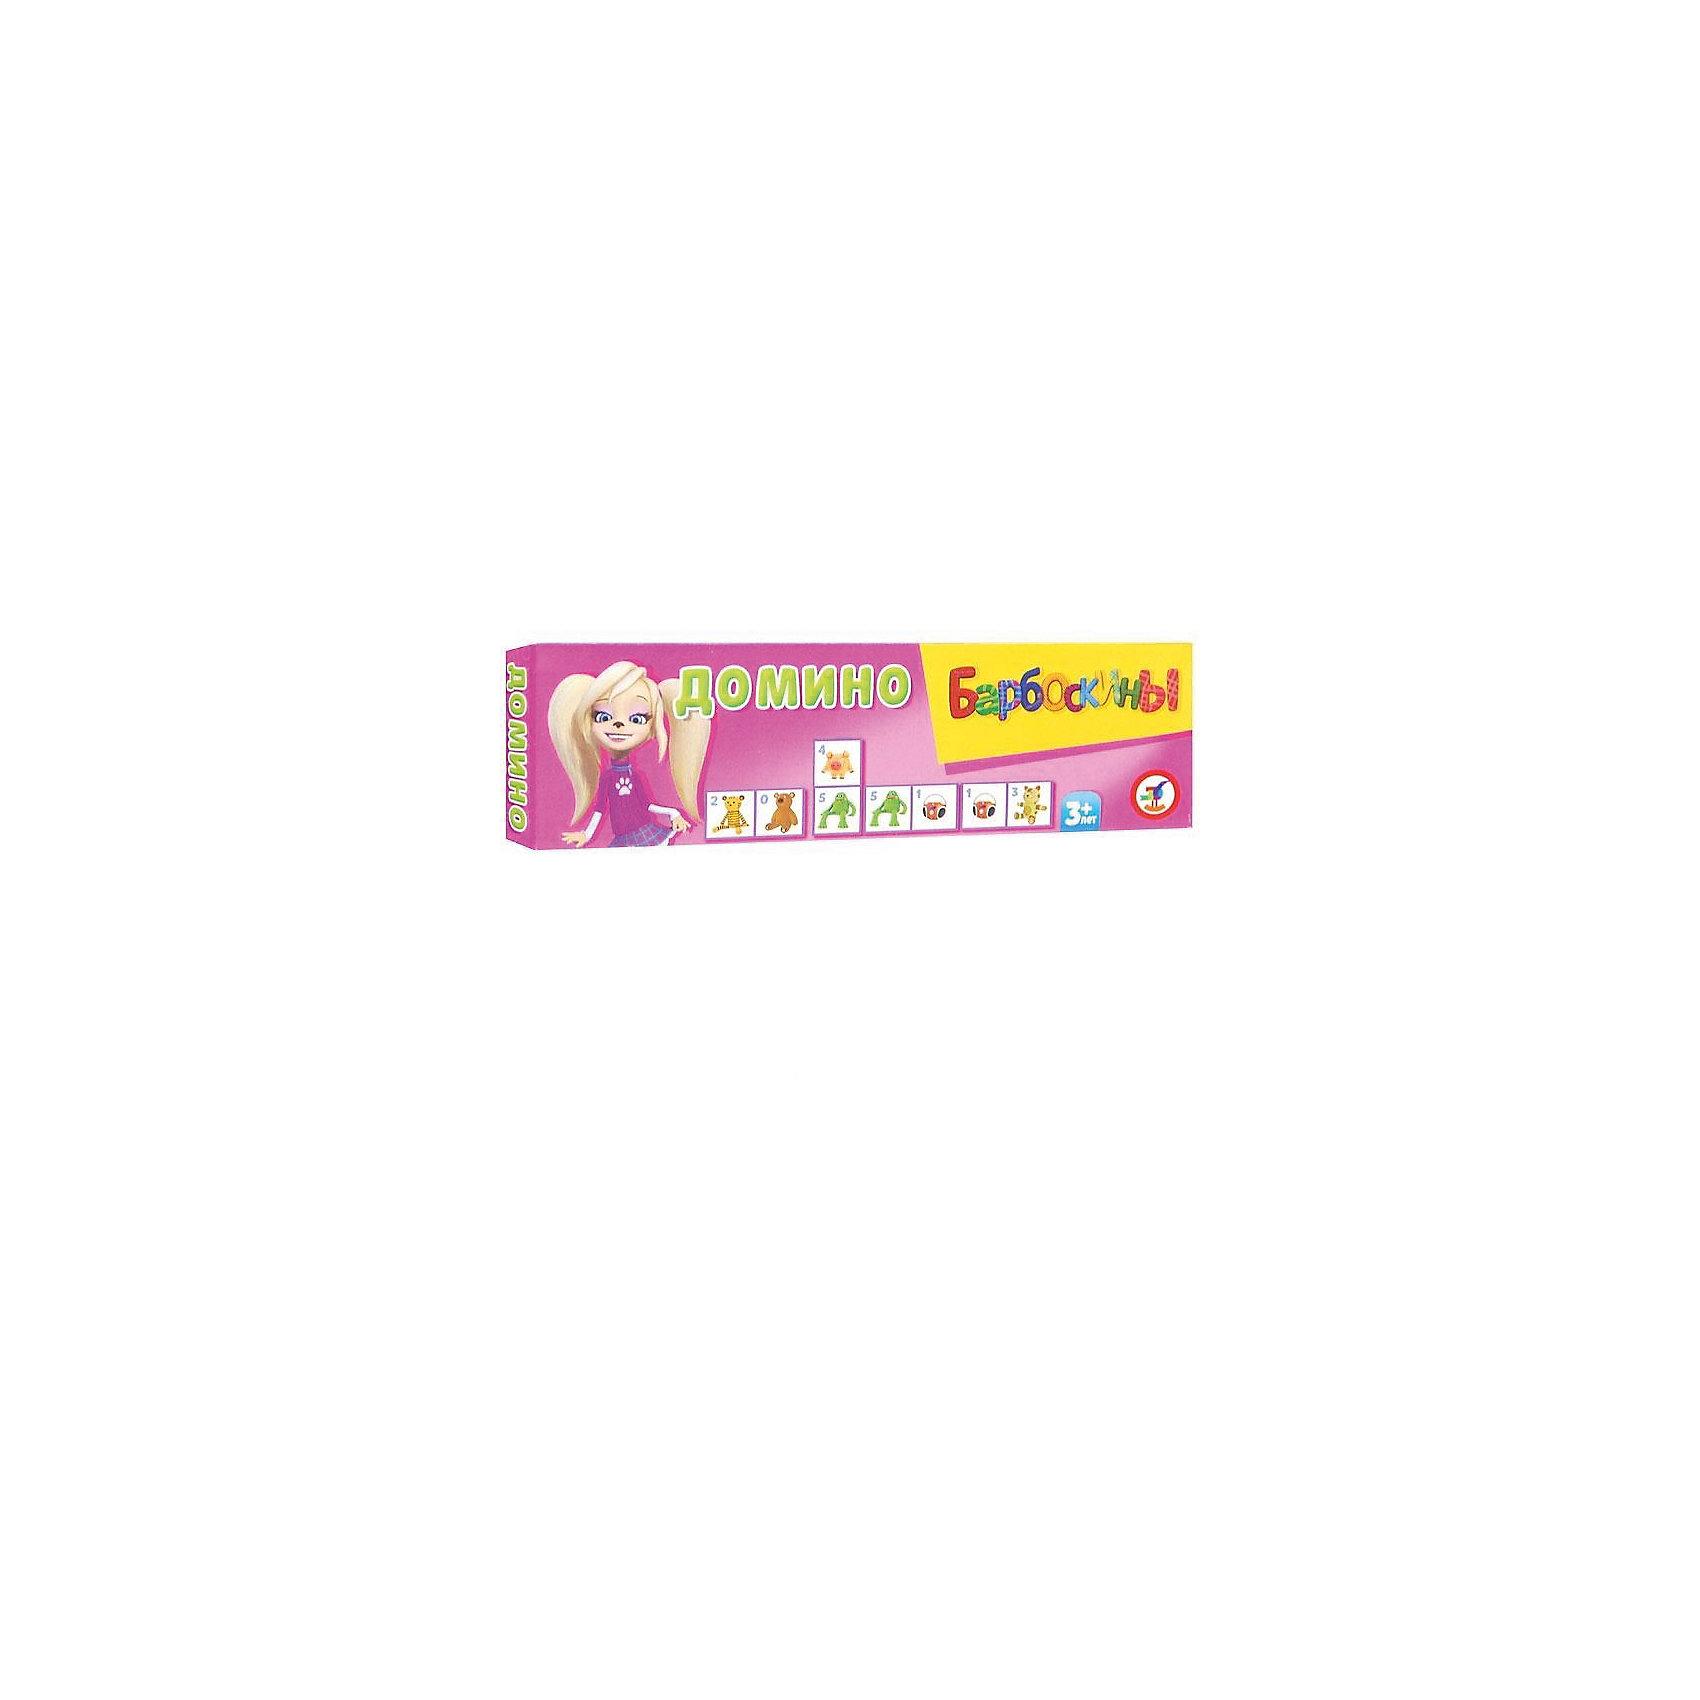 Домино малое пластиковое, БарбоскиныДомино малое пластиковое, Барбоскины - классическая, всем известная игра с любимыми героями, в которую можно играть всей семьей. Барбоскины - это большое семейство собак из популярного мультсериала Барбоскины, где у каждого персонажа свой характер и особенности. На карточках домино для малышей вместо традиционных точек изображены красочные рисунки с любимые игрушками персонажей мультфильма. Игра развивает логику, внимание, память, умение сравнивать и сопоставлять предметы. <br><br>Дополнительная информация:<br><br>- В комплекте: 28 карточек.<br>- Серия: Барбоскины.<br>- Материал: пластик.<br>- Размер упаковки: 5,5 x 18,3 x 1,8 см.<br>- Вес: 82 гр.<br><br>Домино малое пластиковое, Барбоскины, можно купить в нашем интернет-магазине.<br><br>Ширина мм: 55<br>Глубина мм: 18<br>Высота мм: 183<br>Вес г: 55<br>Возраст от месяцев: 36<br>Возраст до месяцев: 144<br>Пол: Унисекс<br>Возраст: Детский<br>SKU: 3998671